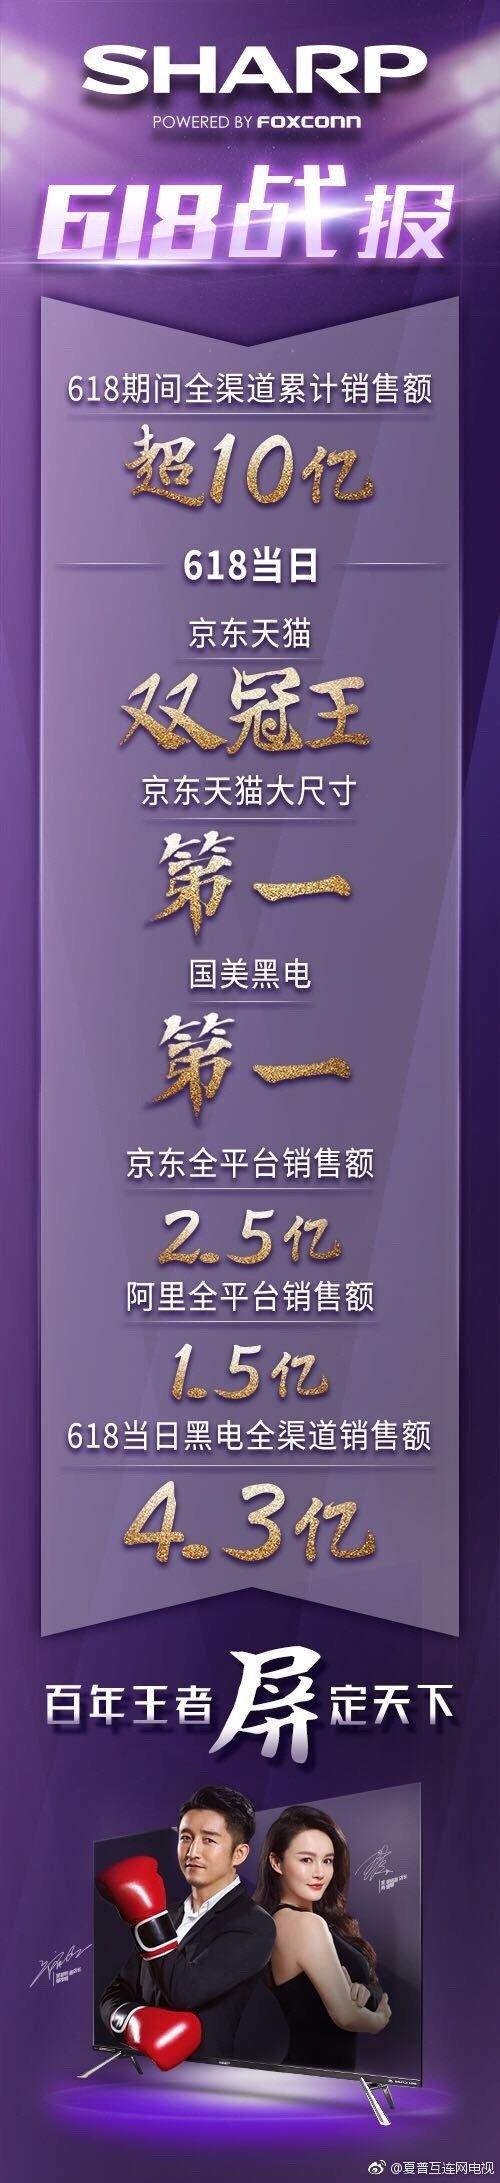 喜报!618夏普京东阿里天猫国美全平台销售额超10亿元